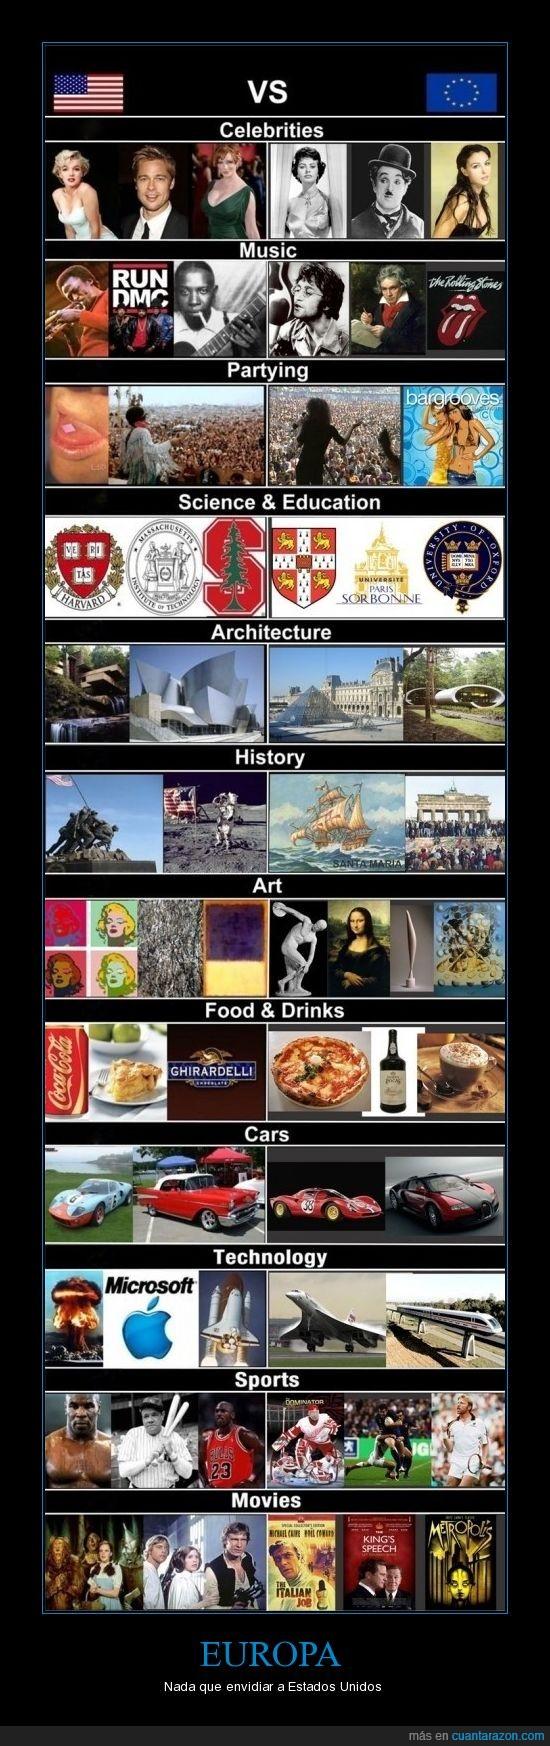 america,cultura,europa,musica,personajes,tecnologia